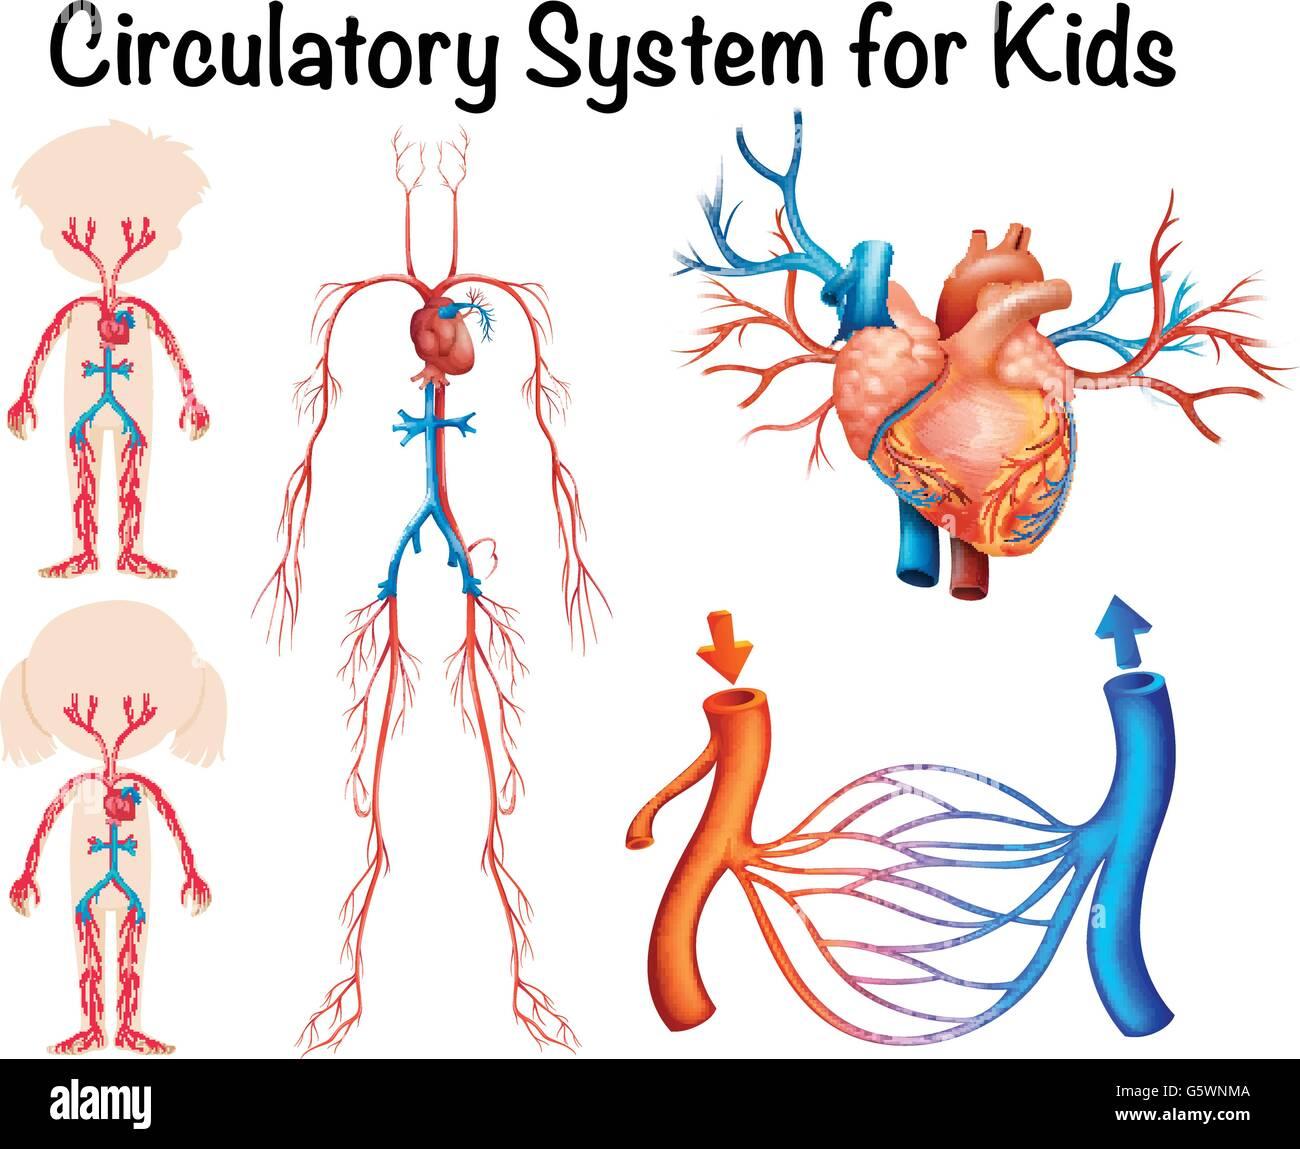 Herz-Kreislauf-System für Kinder-illustration Vektor Abbildung ...